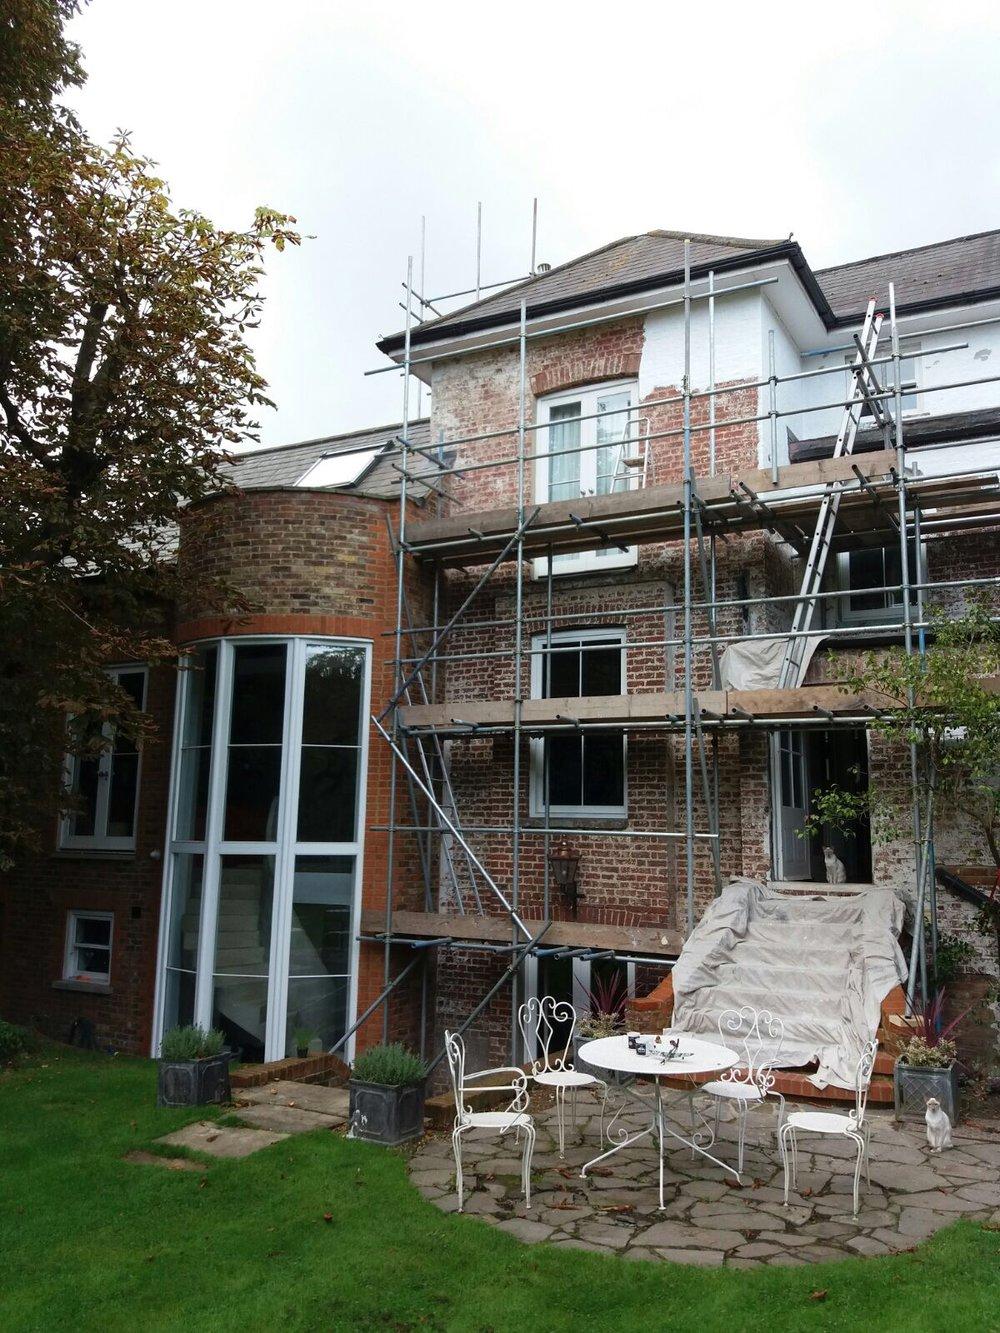 Exterior Repairs & Decorating - During